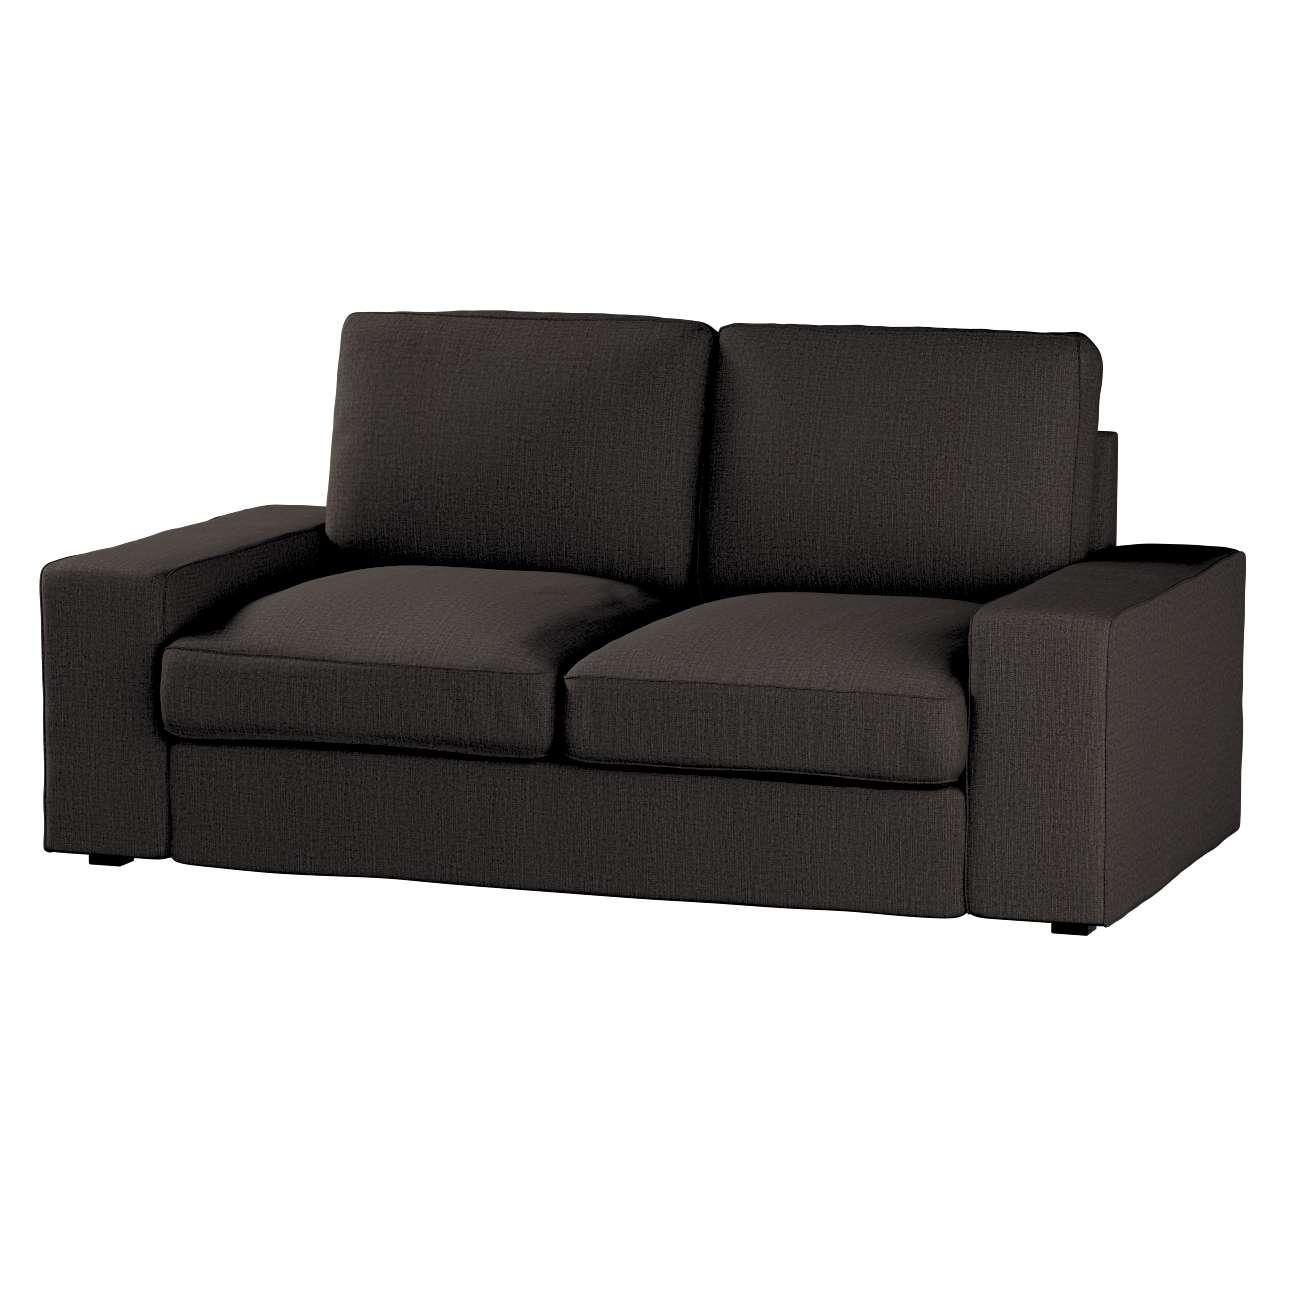 Pokrowiec na sofę Kivik 2-osobową, nierozkładaną Sofa Kivik 2-osobowa w kolekcji Vintage, tkanina: 702-36